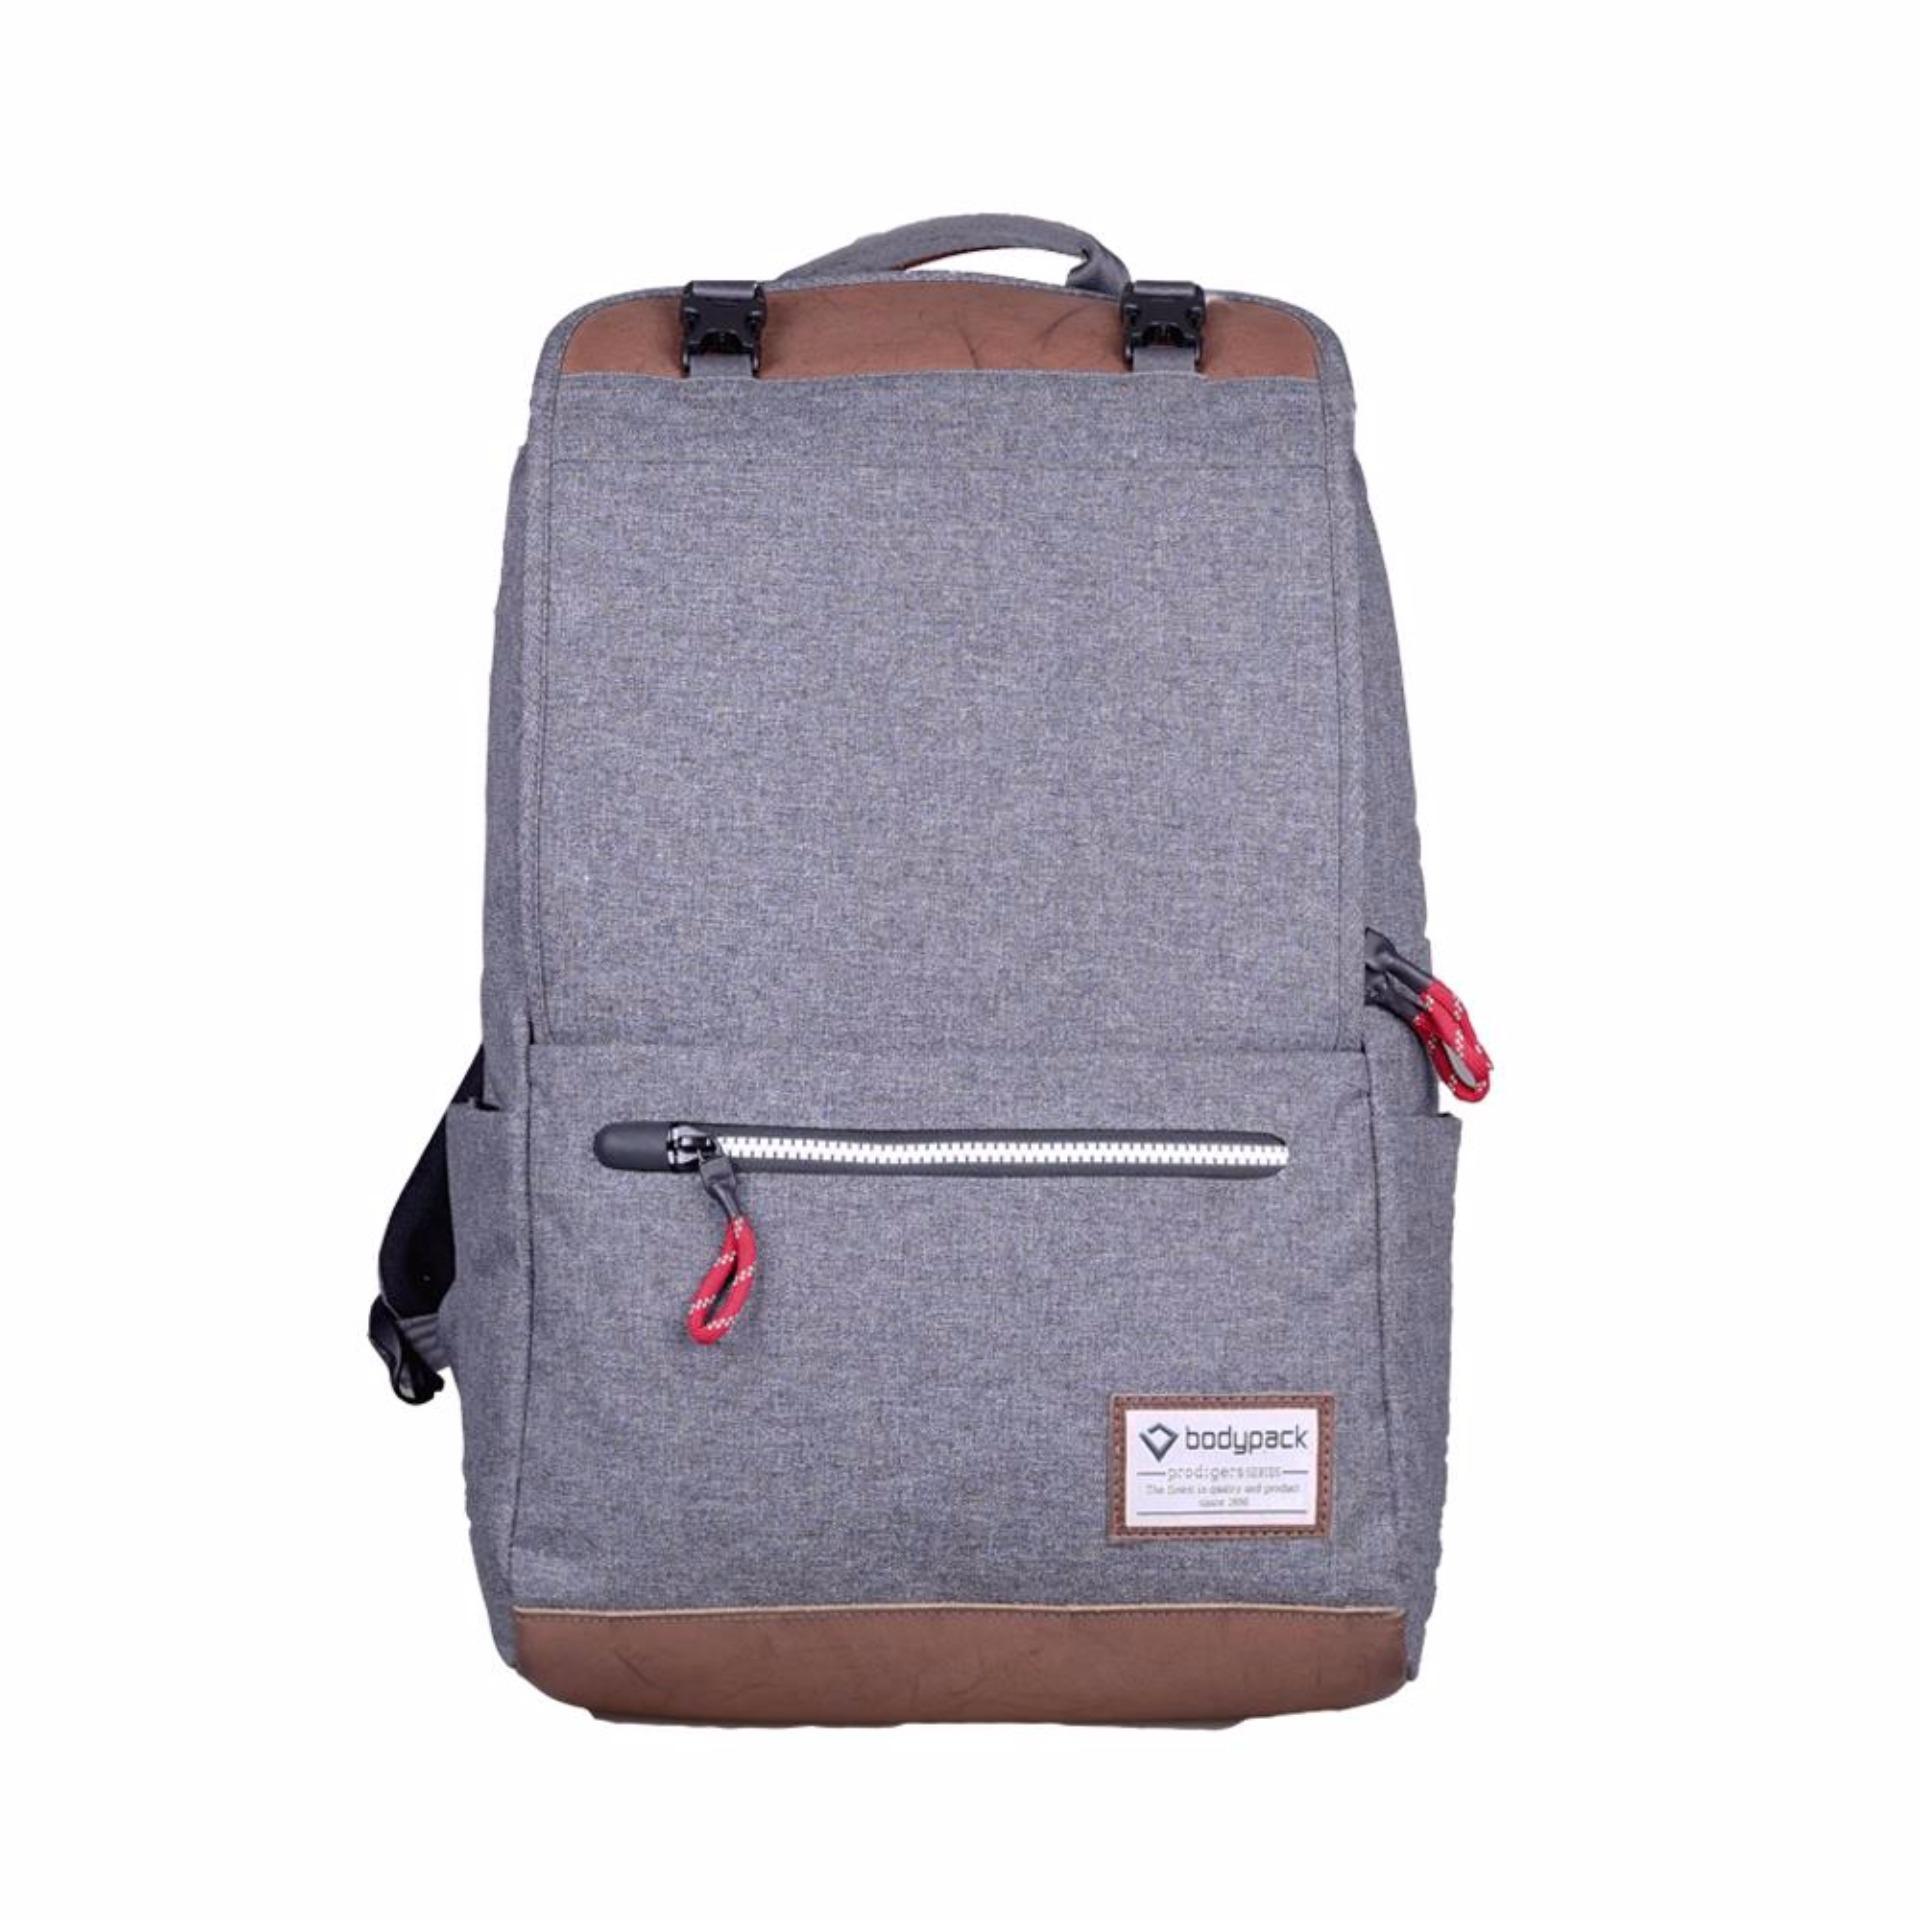 Bodypack Prodigers Tas Laptop Pria Boston - Abu 0dd4dd19dd